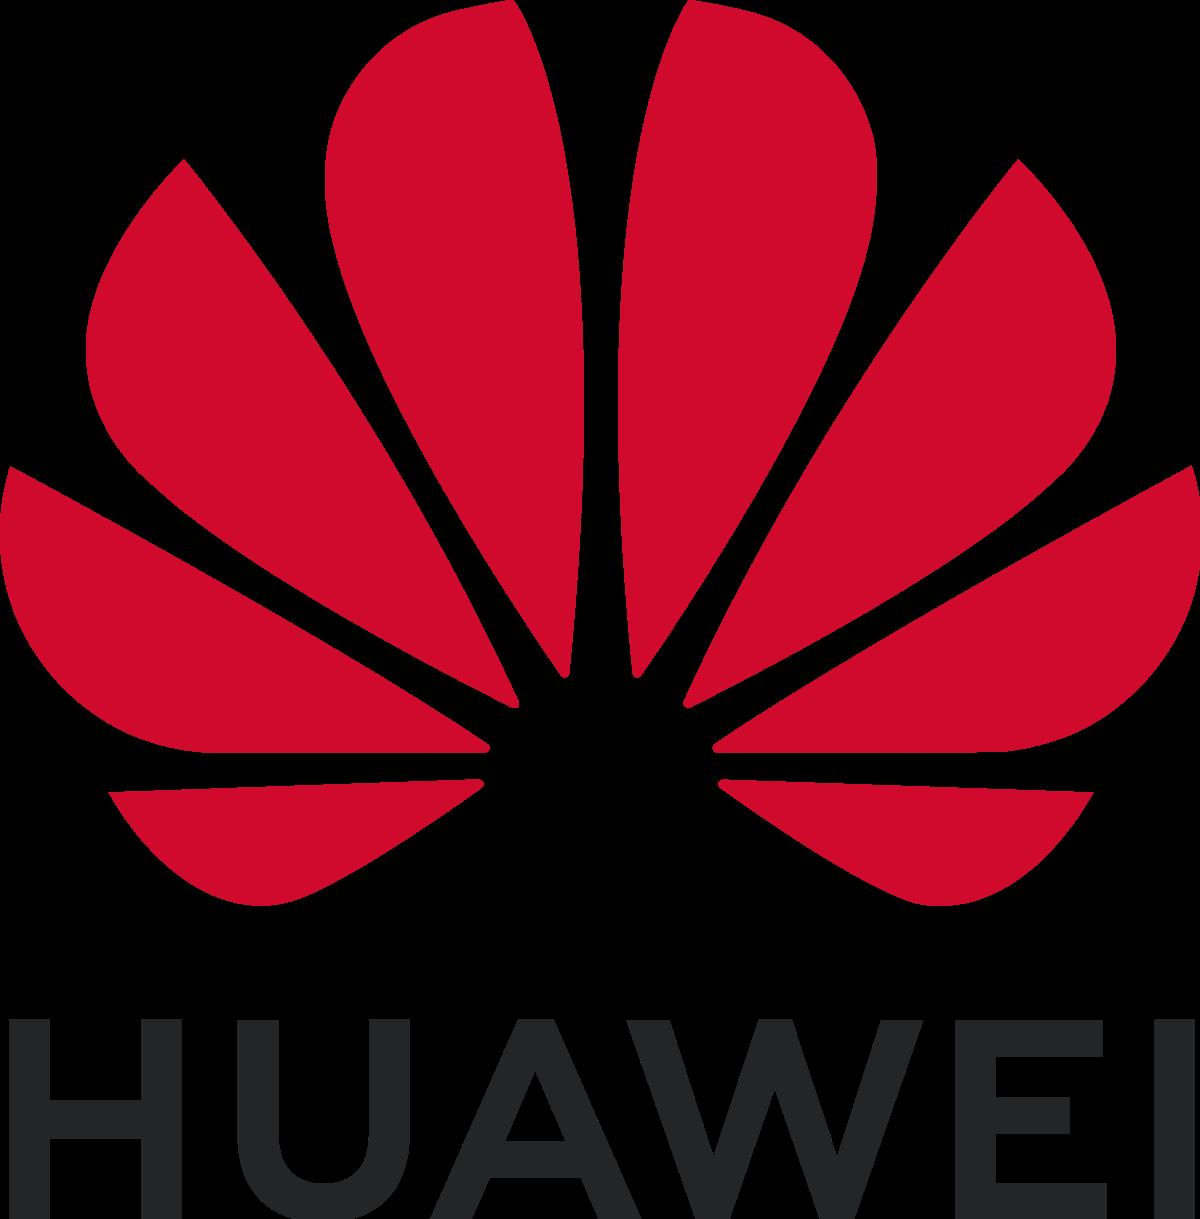 Directorul executiv al Huawei nu este chiar un fan al smartwatch-urilor